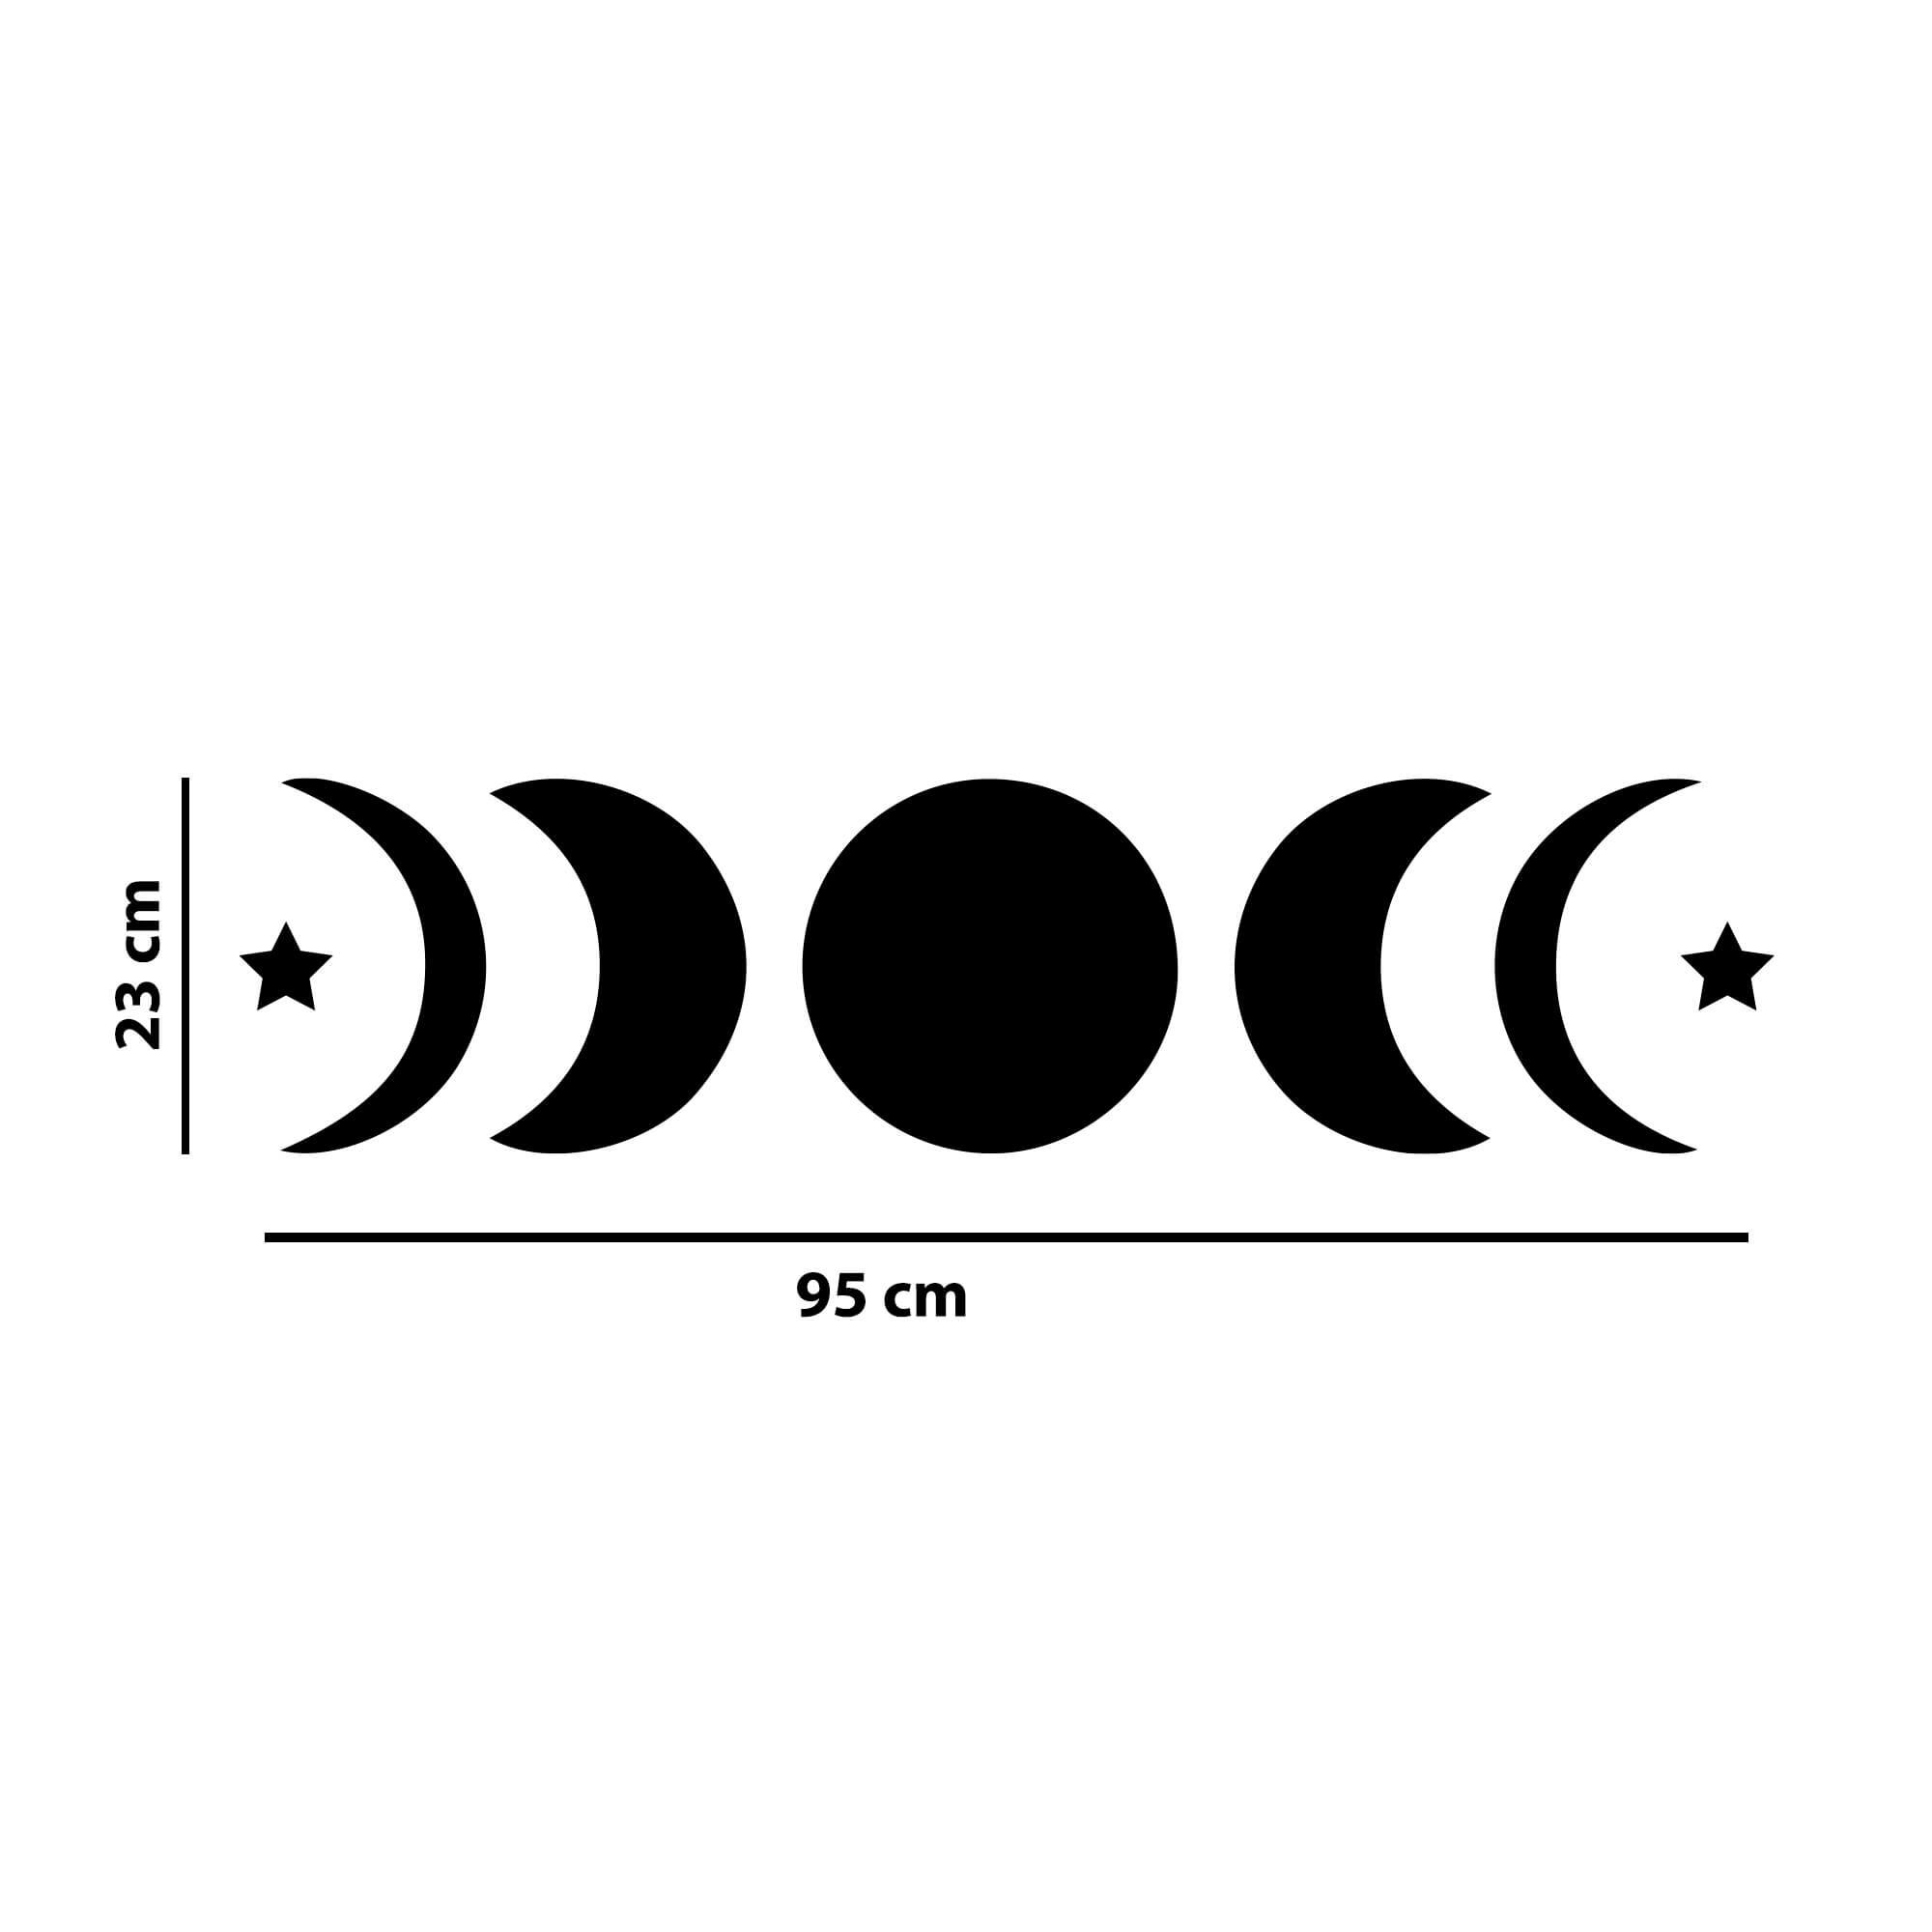 Adesivo Decorativo Fases da Lua Decoração Mística Sala Quarto